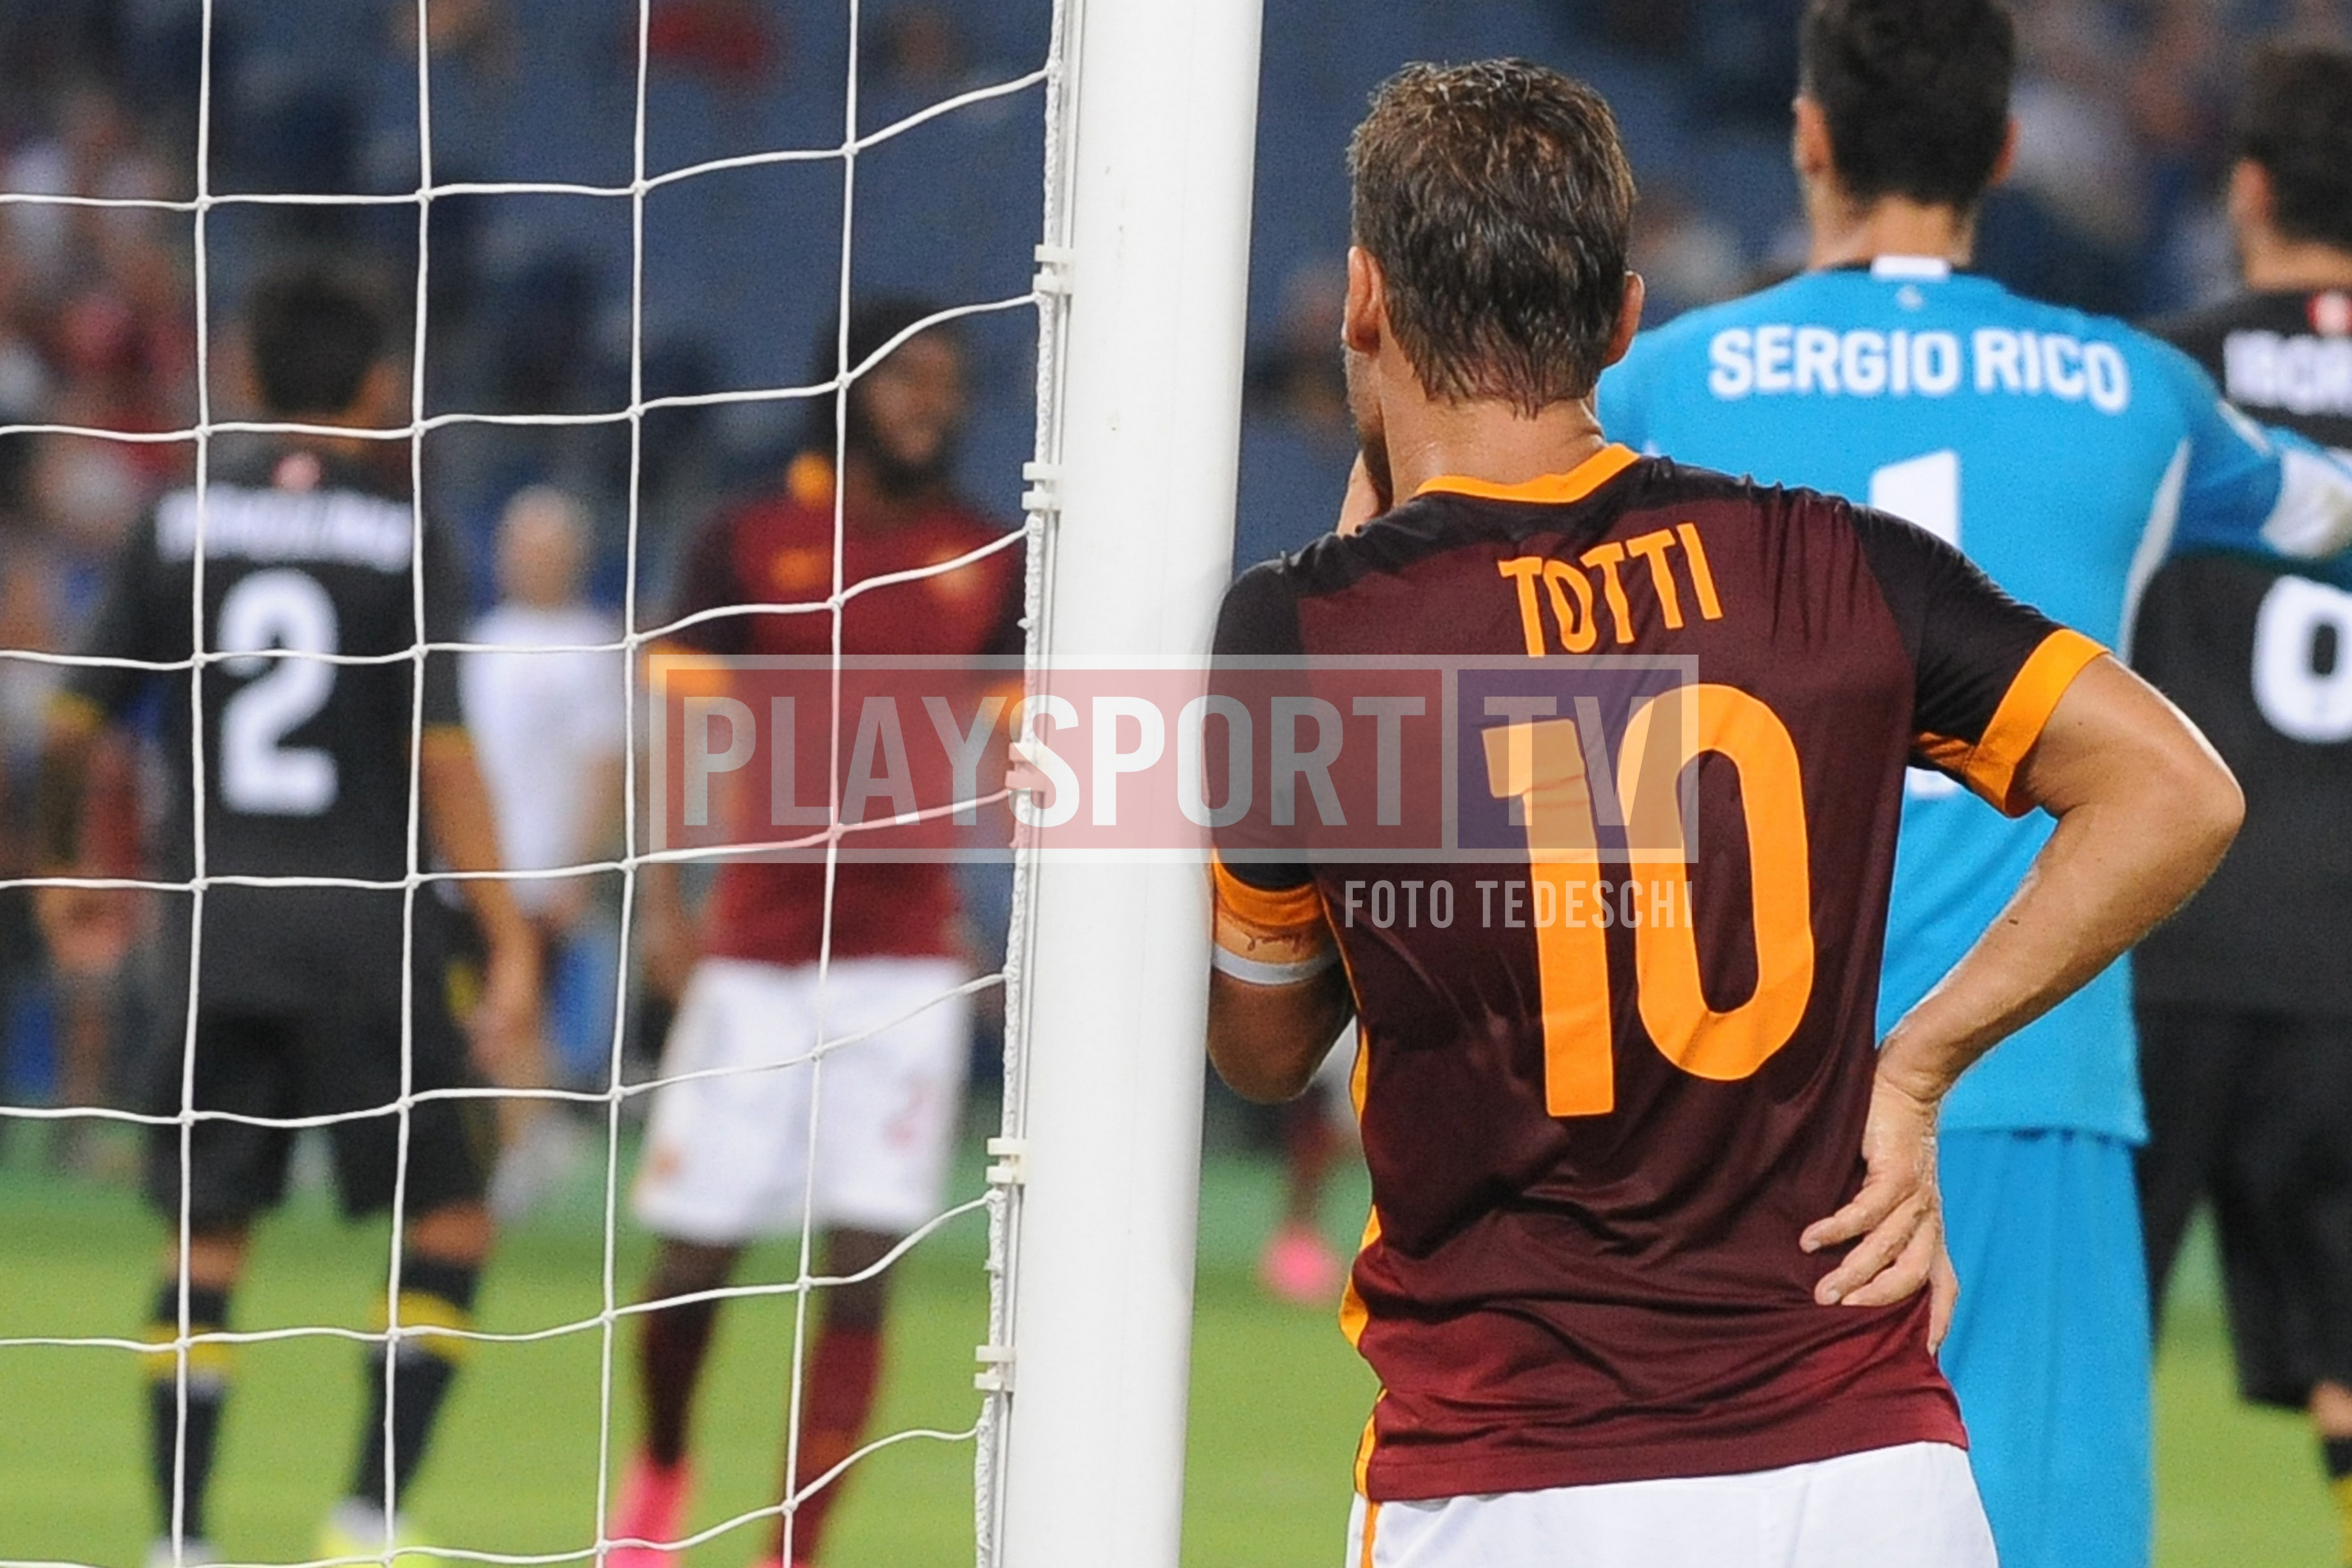 La 10 autografata da Francesco Totti per un progetto benefico in Costa D'Avorio